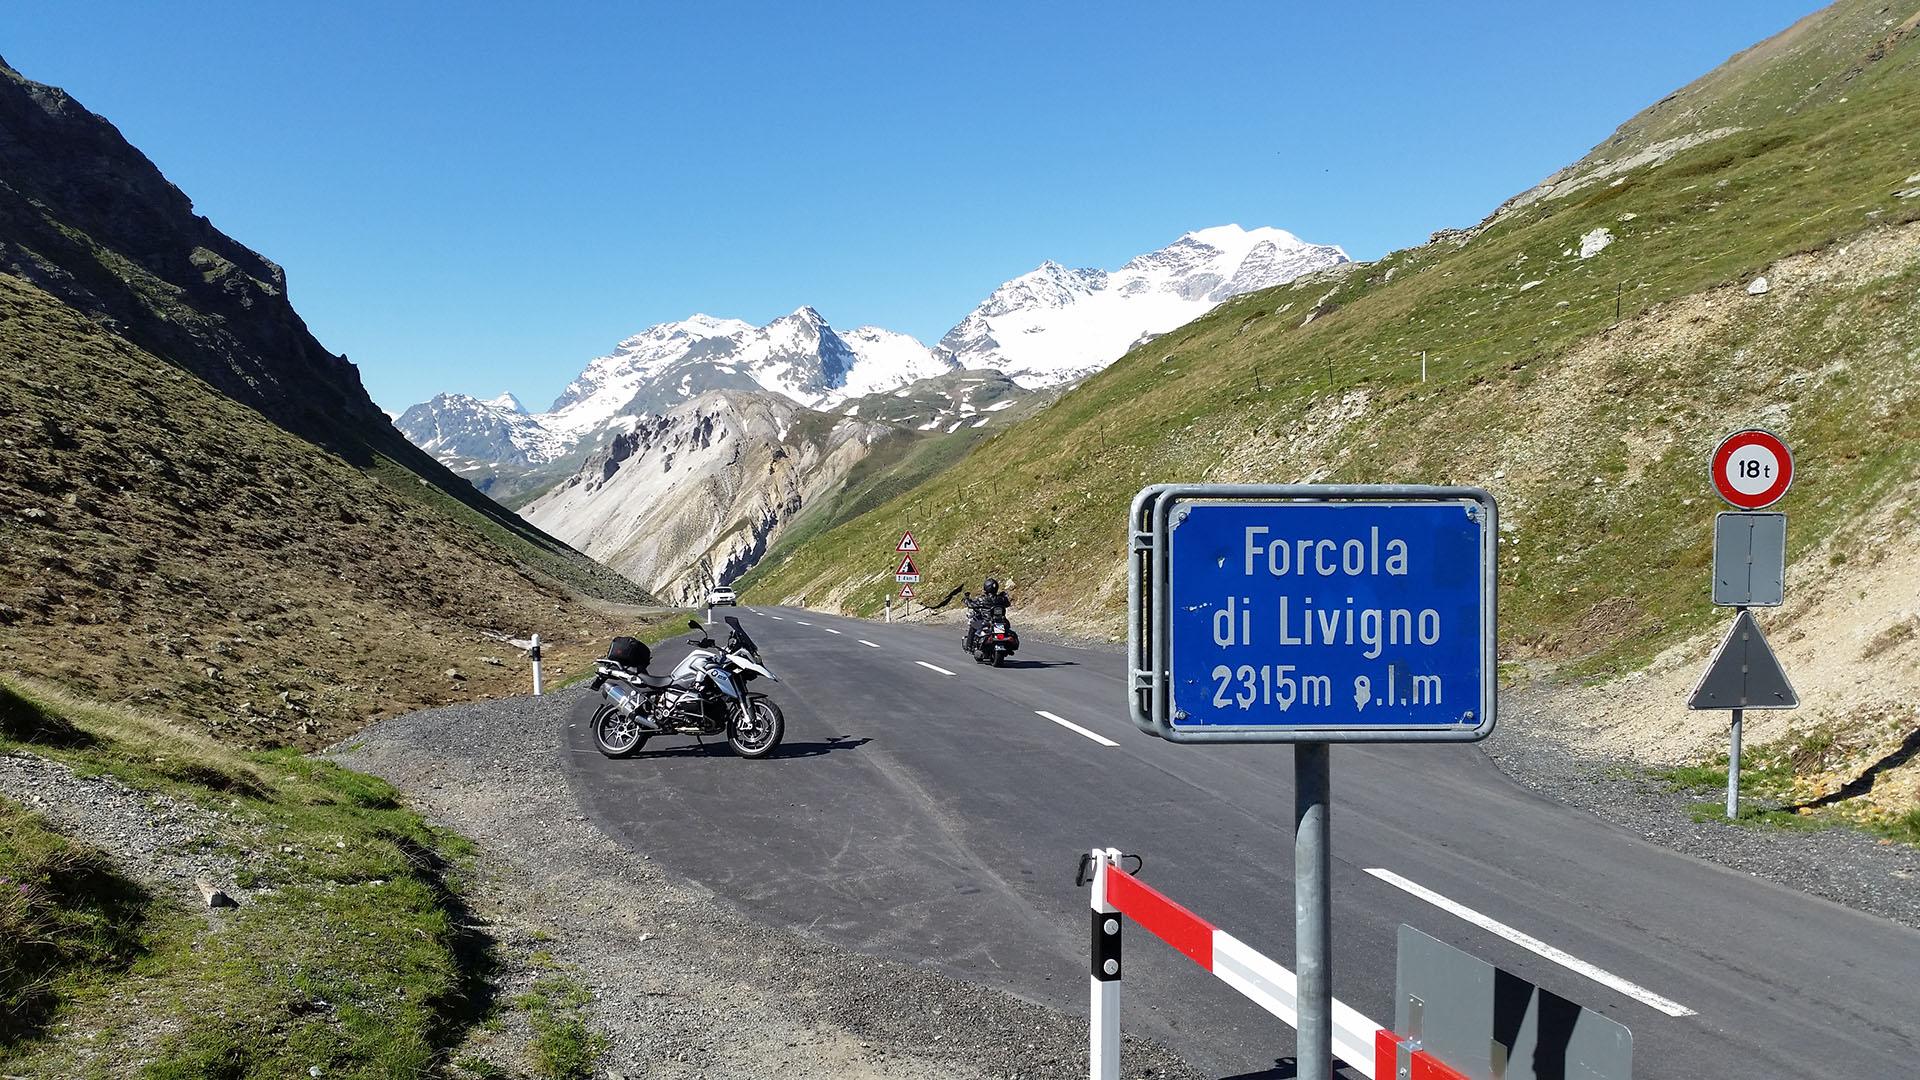 2315 - CH-I - Forcola di Livigno